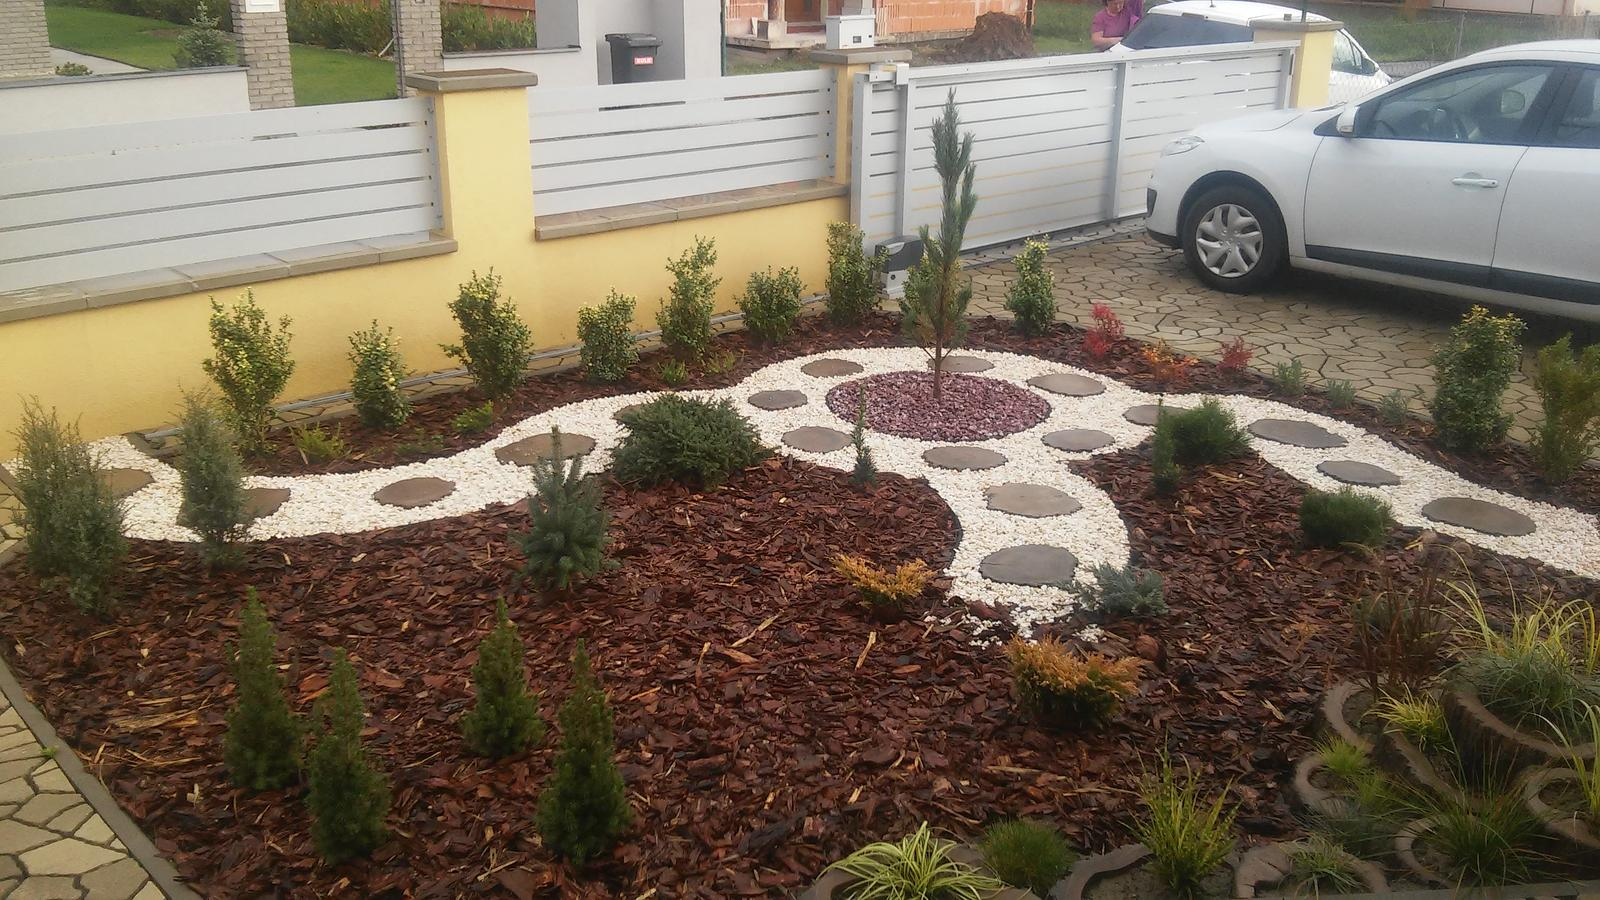 Zimna zahrada a okolie domu - Obrázok č. 9